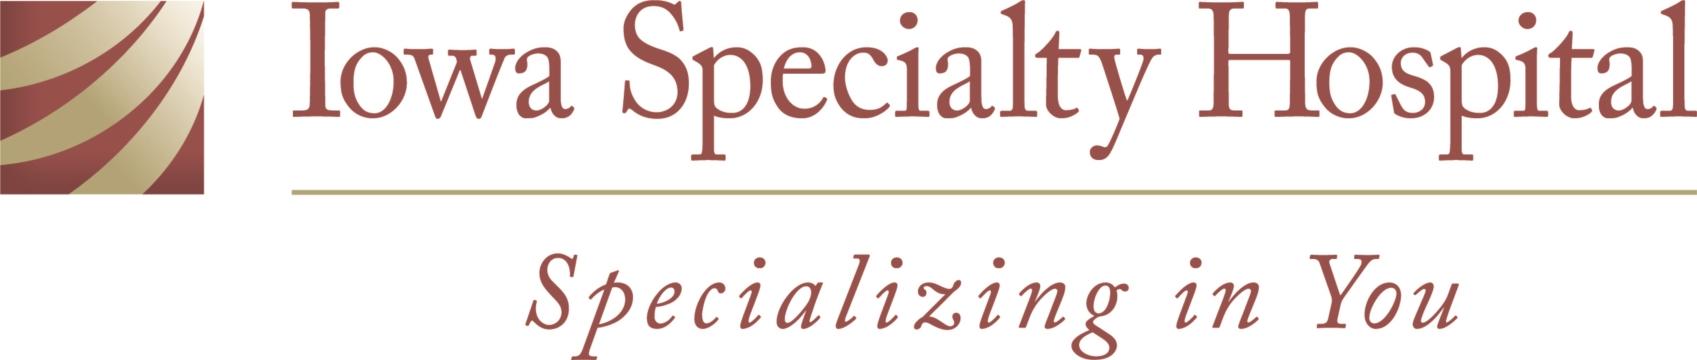 Iowa Specialty Hospital logo